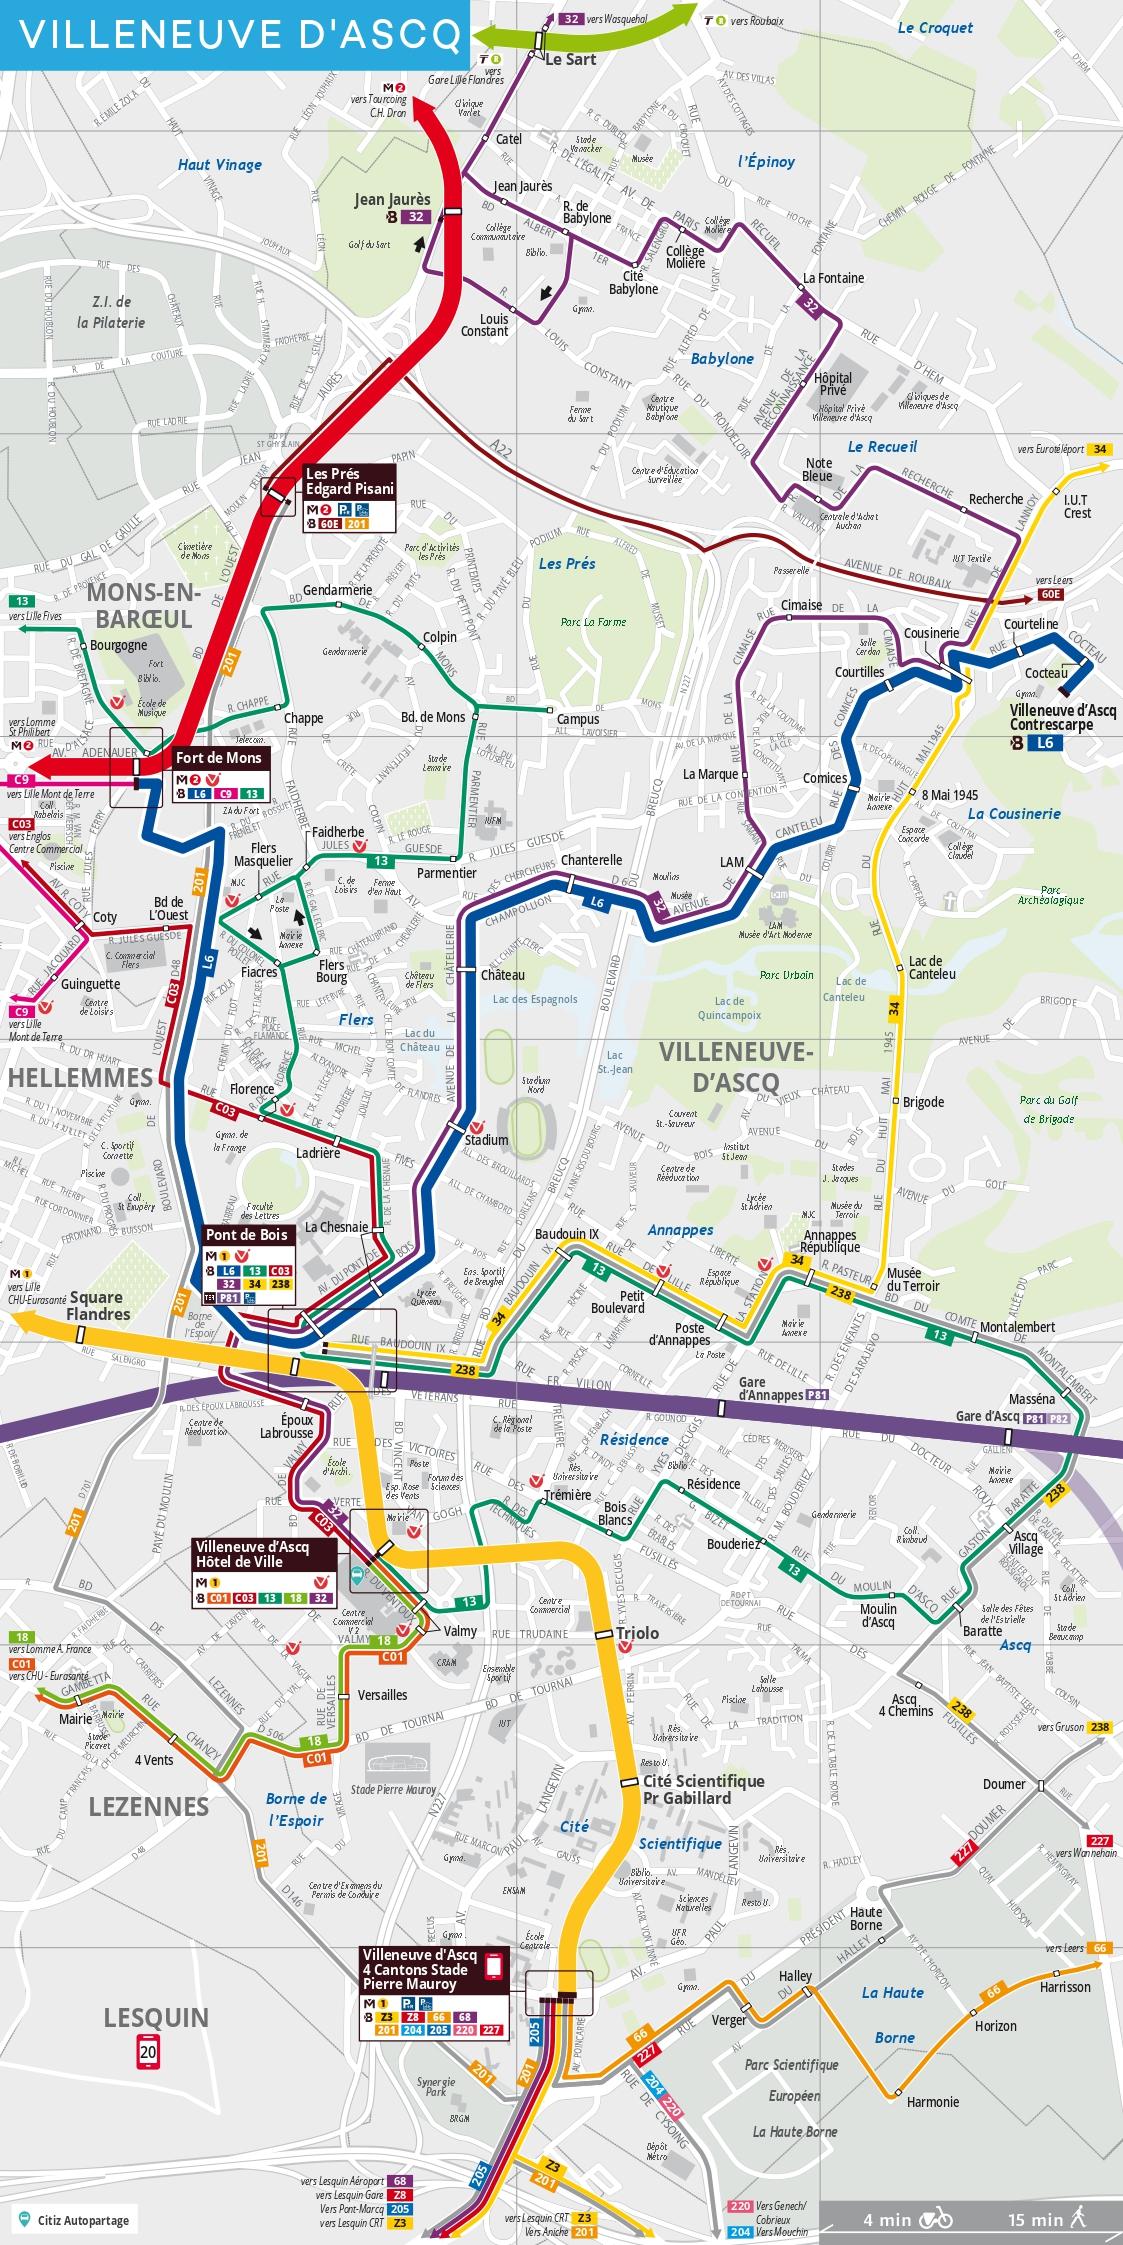 Carte des transports en commun à Villeneuve d'Ascq